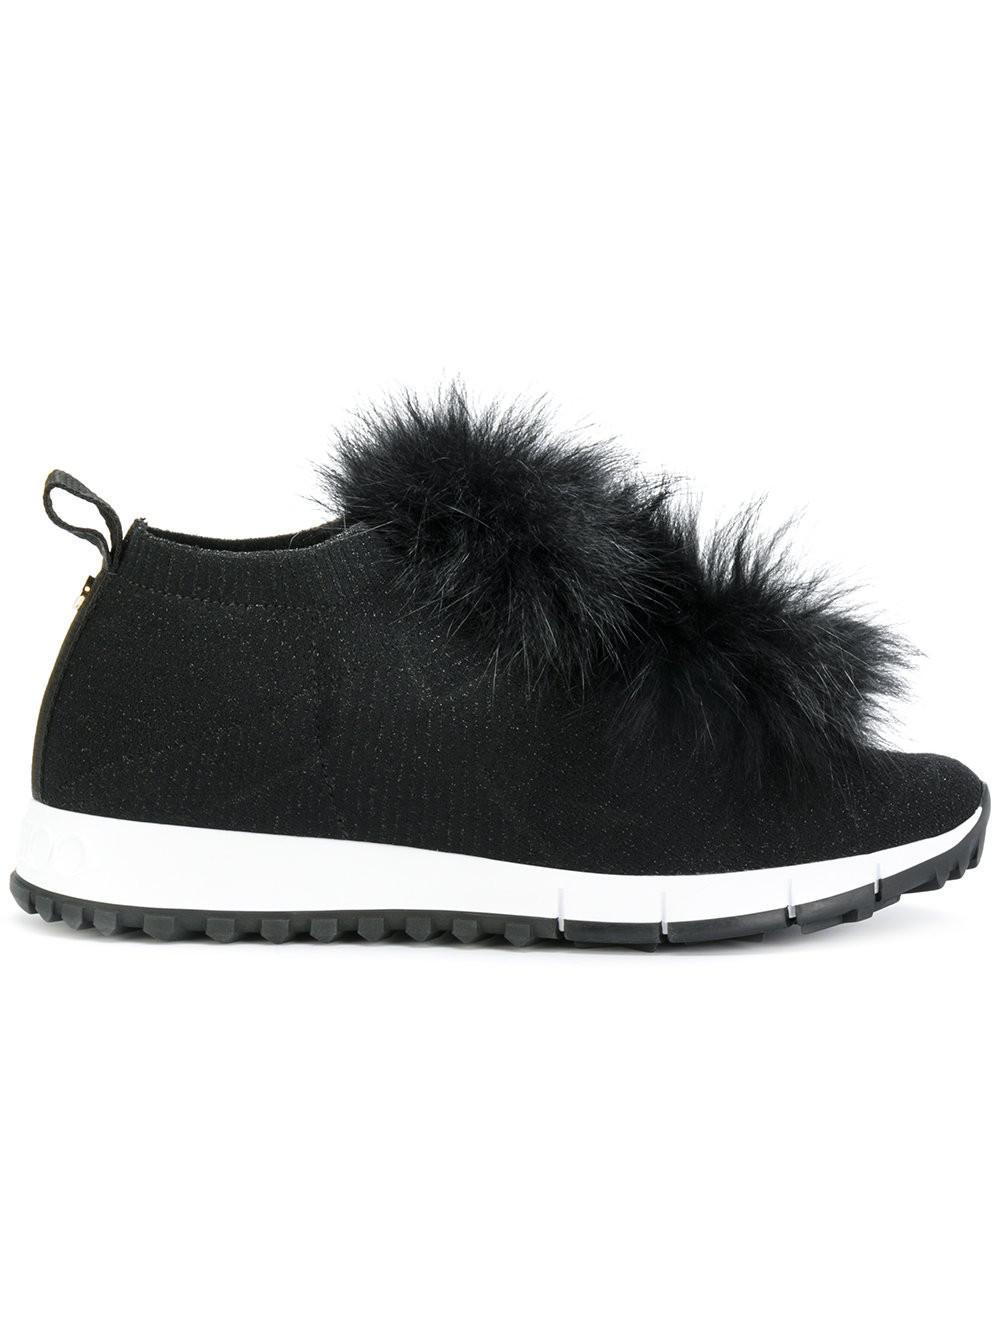 Jimmy choo Sneakers NORWAY fabric stars print pompon fox fur black aKbzaYRIV